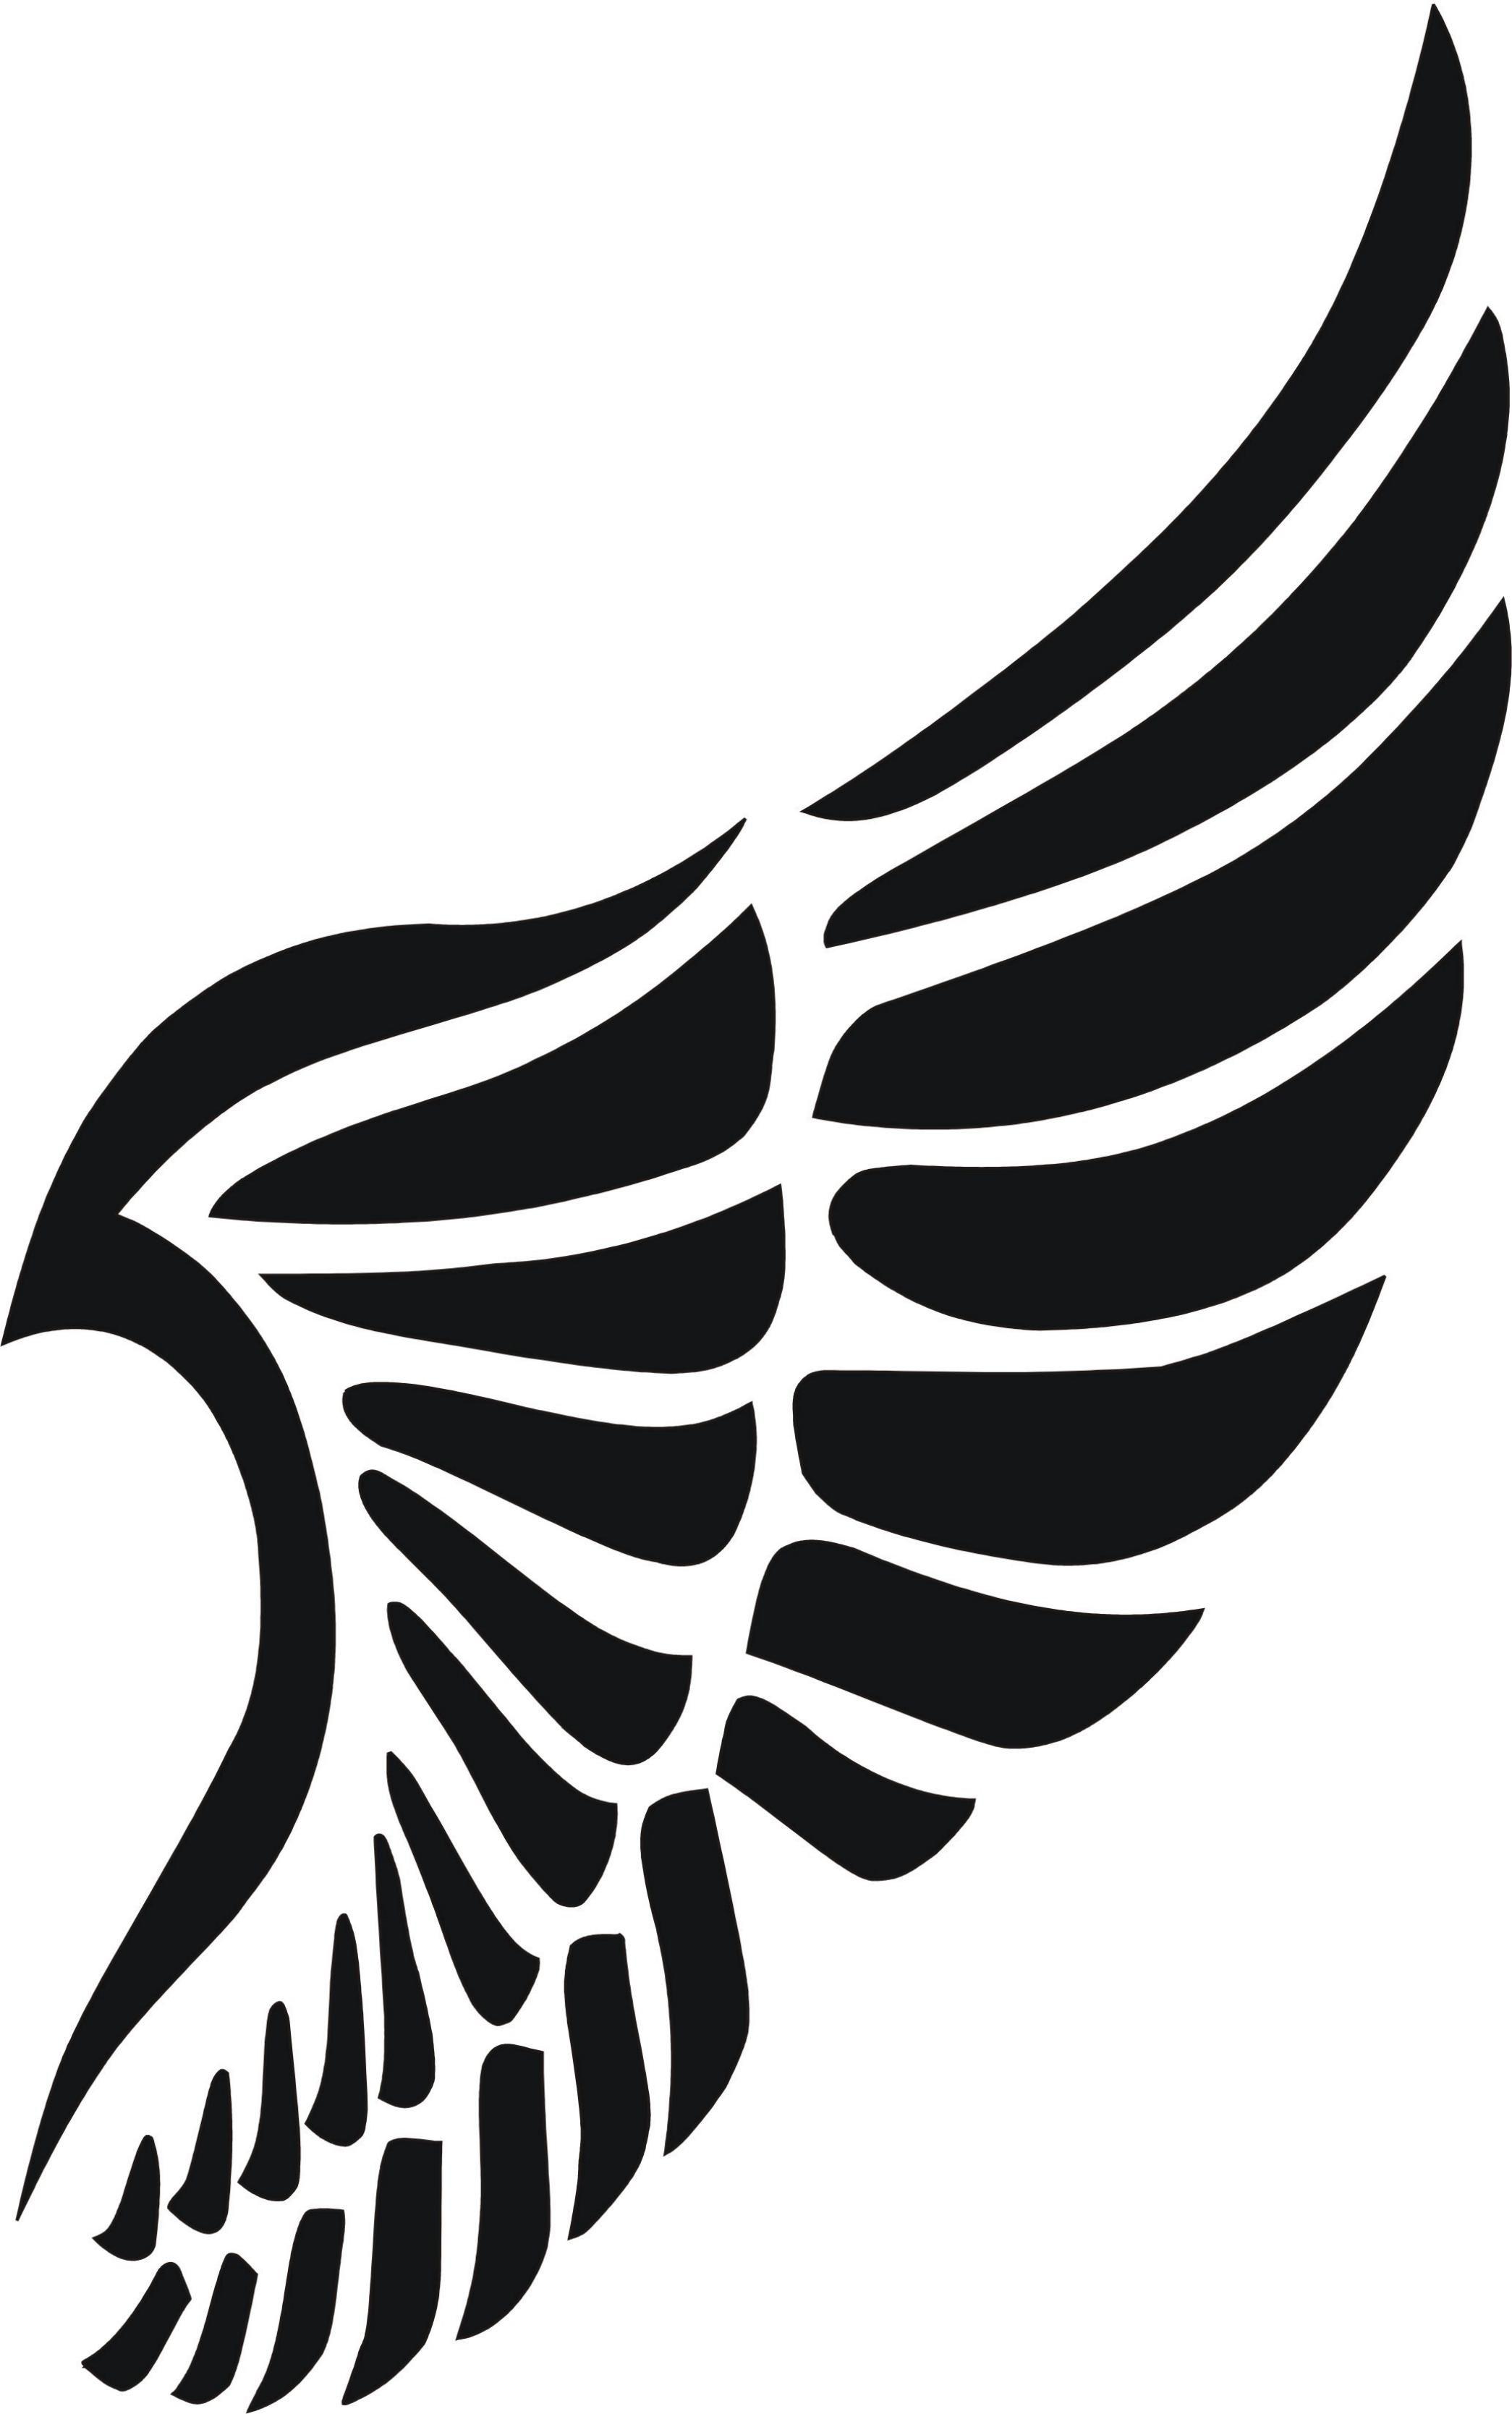 Eigenmarke Stencil Schablone Flügel | Silhouette/stencils ...